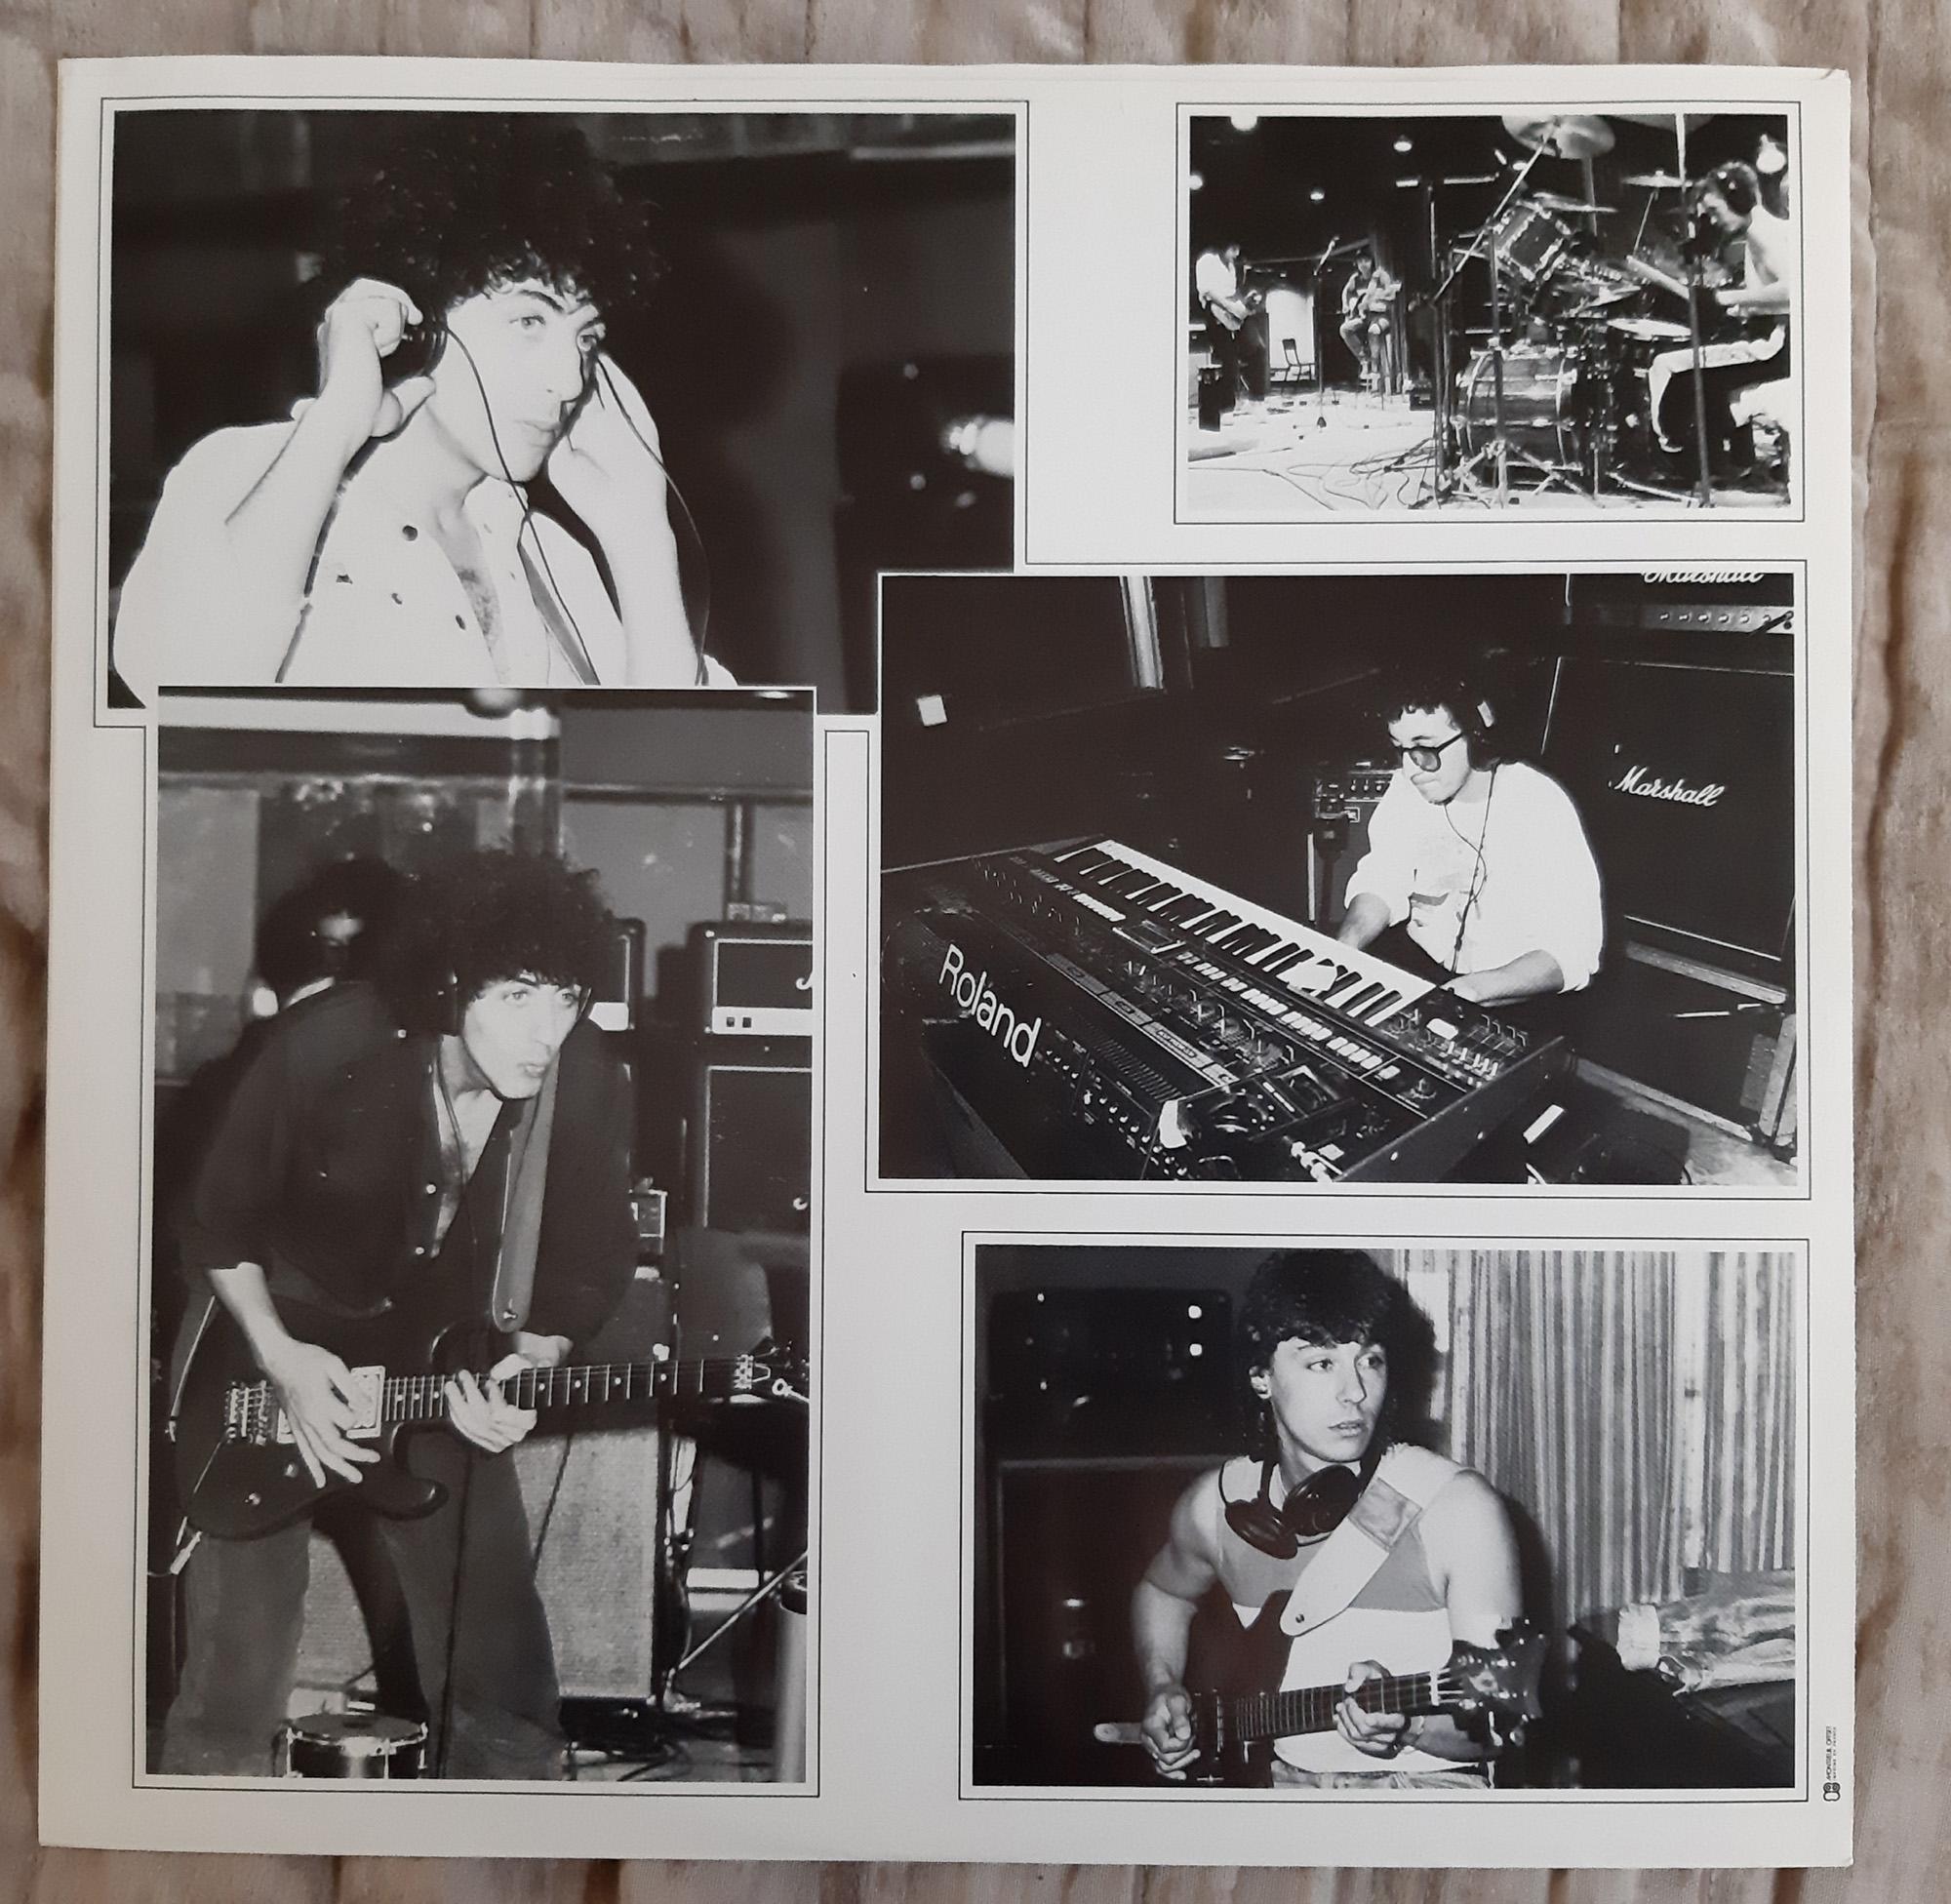 MORHO Morho (1985) Maxi 45 tours - le vinyle vu de plus près ...   428